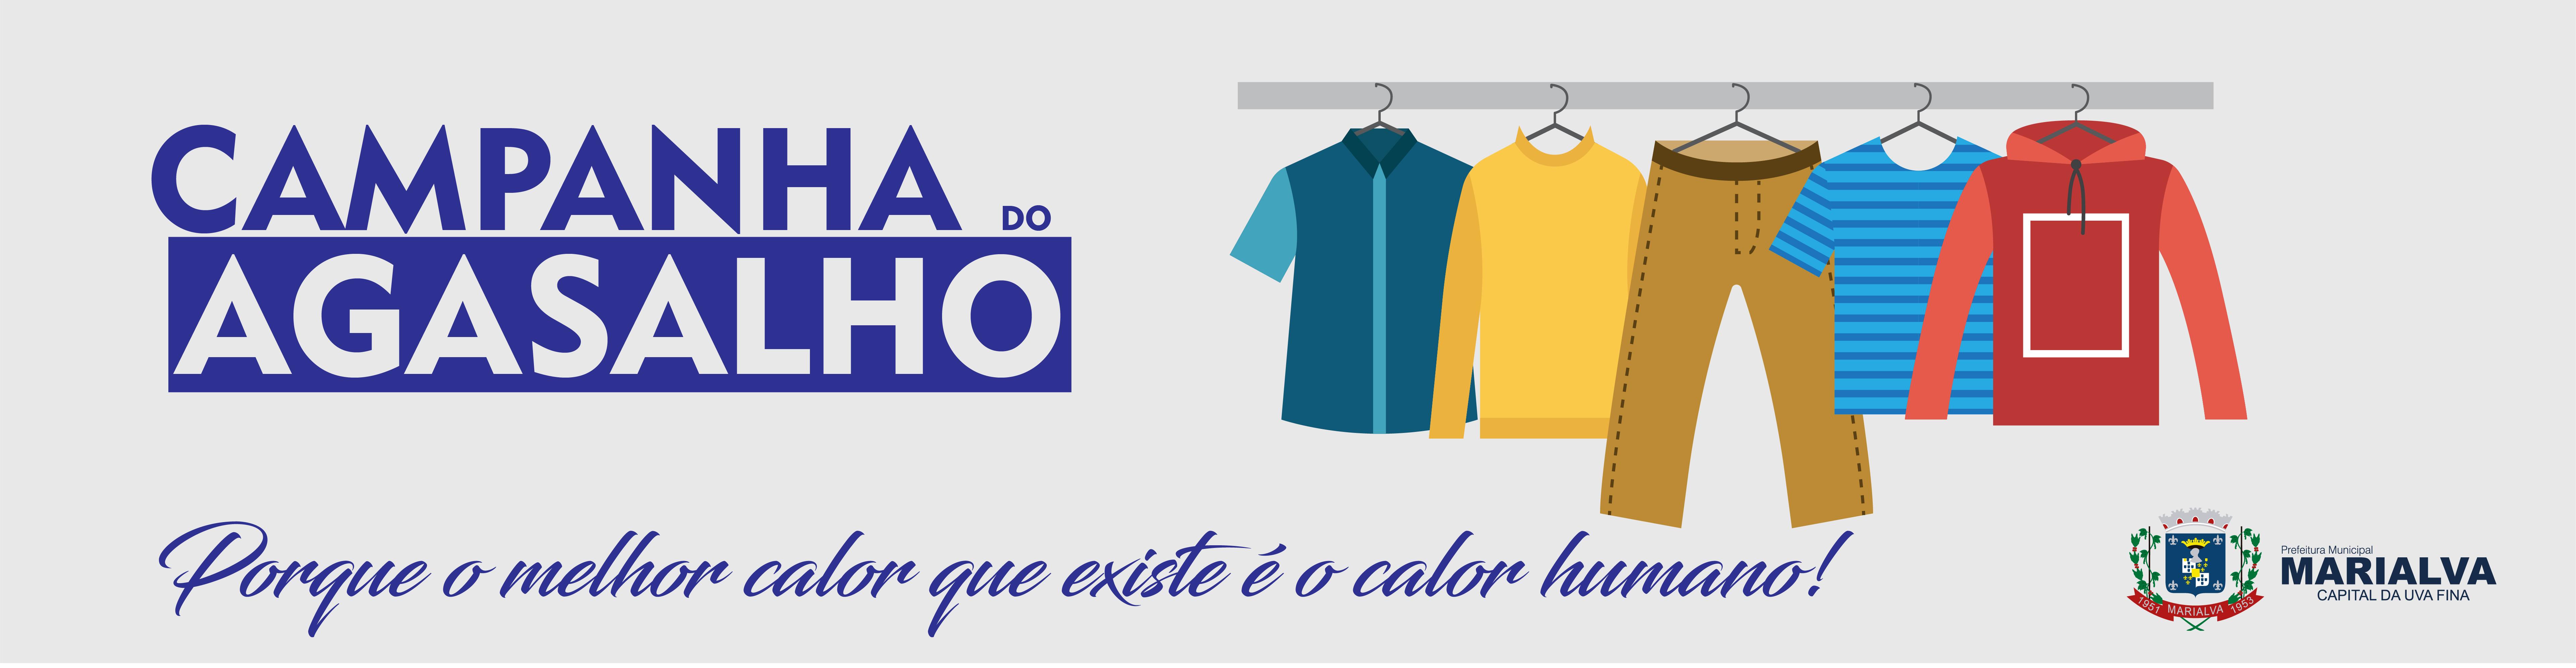 canpanha do Agasalho 2019